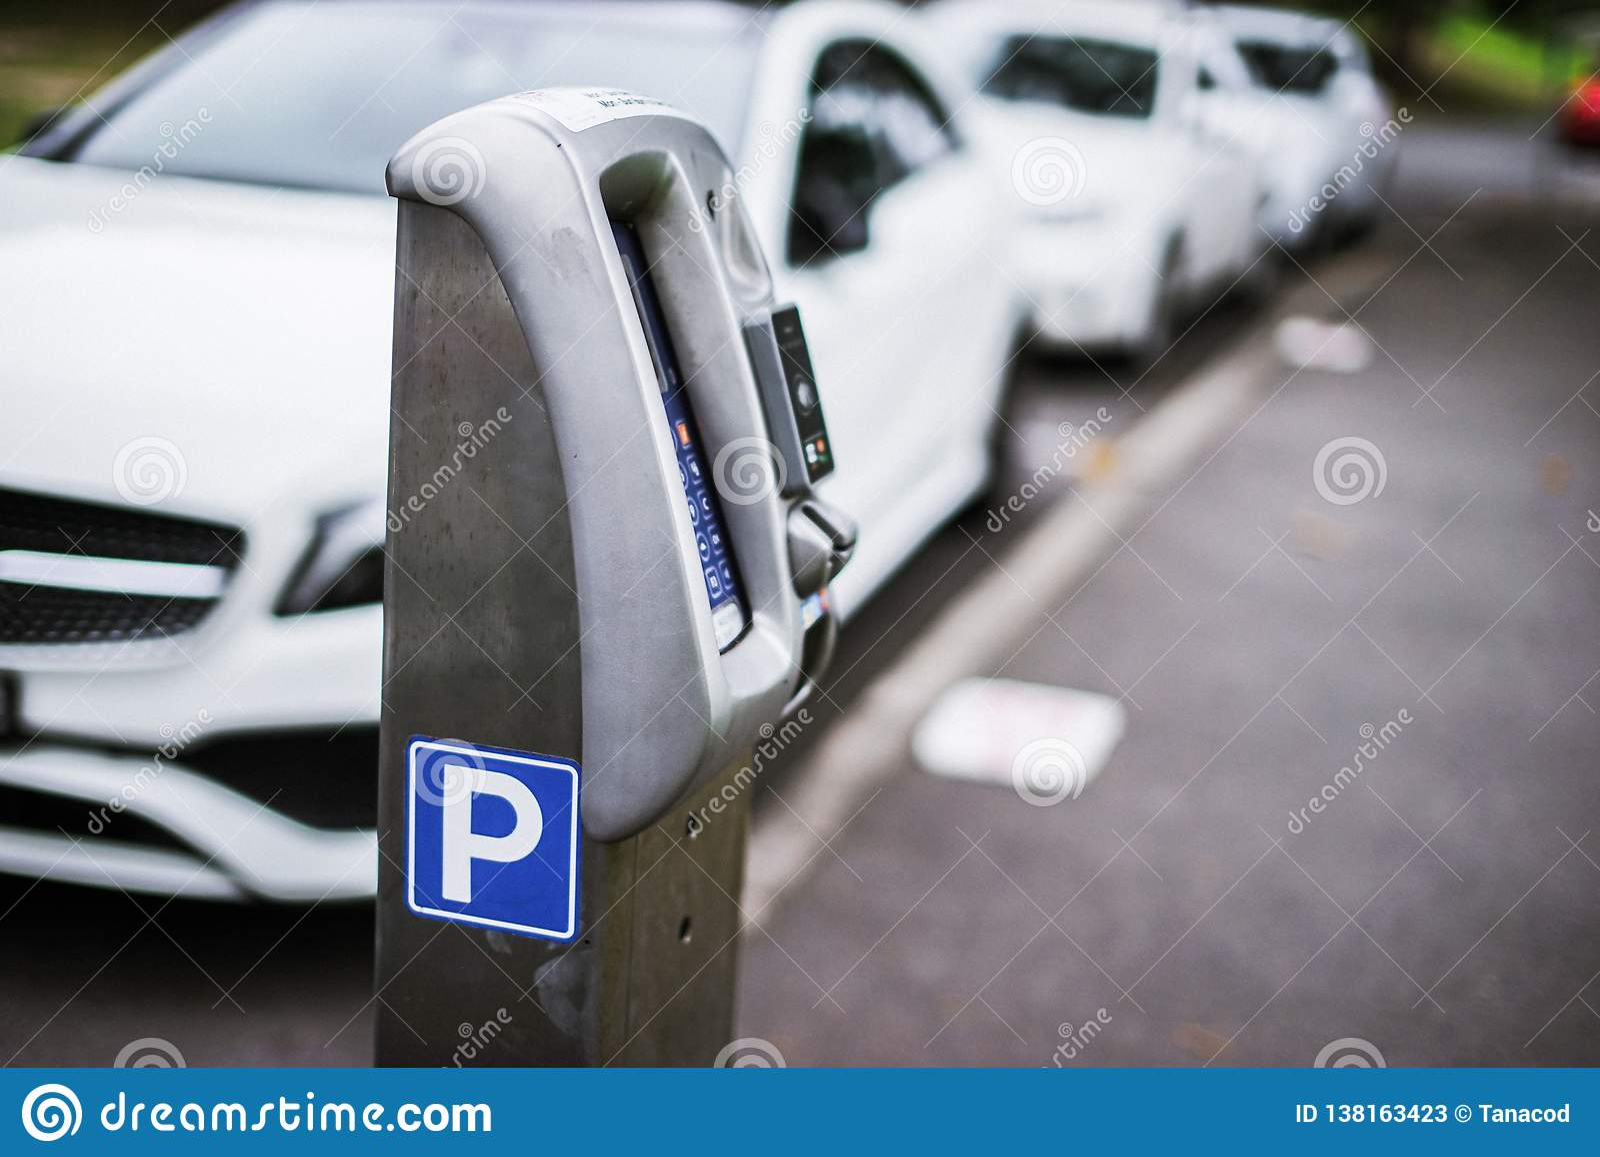 Parkerenmachine of Parkeermeters met elektronische betaling in de stadsstraten